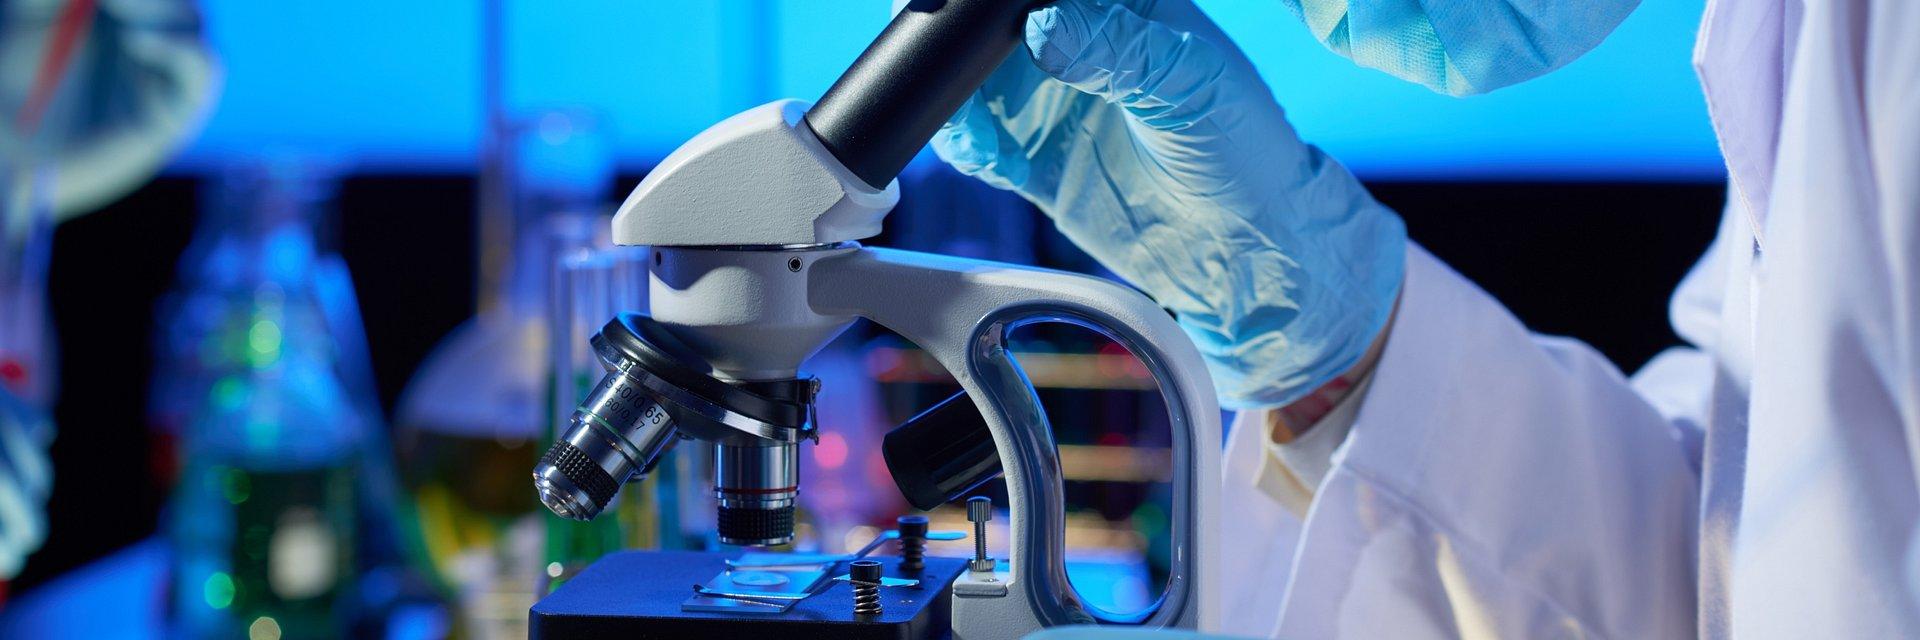 Minister Zdrowia z rozszerzonymi uprawnieniami w dobie koronawirusa – sytuację komentuje dr Joanna Uchańska, partner kancelarii Chałas i Wspólnicy